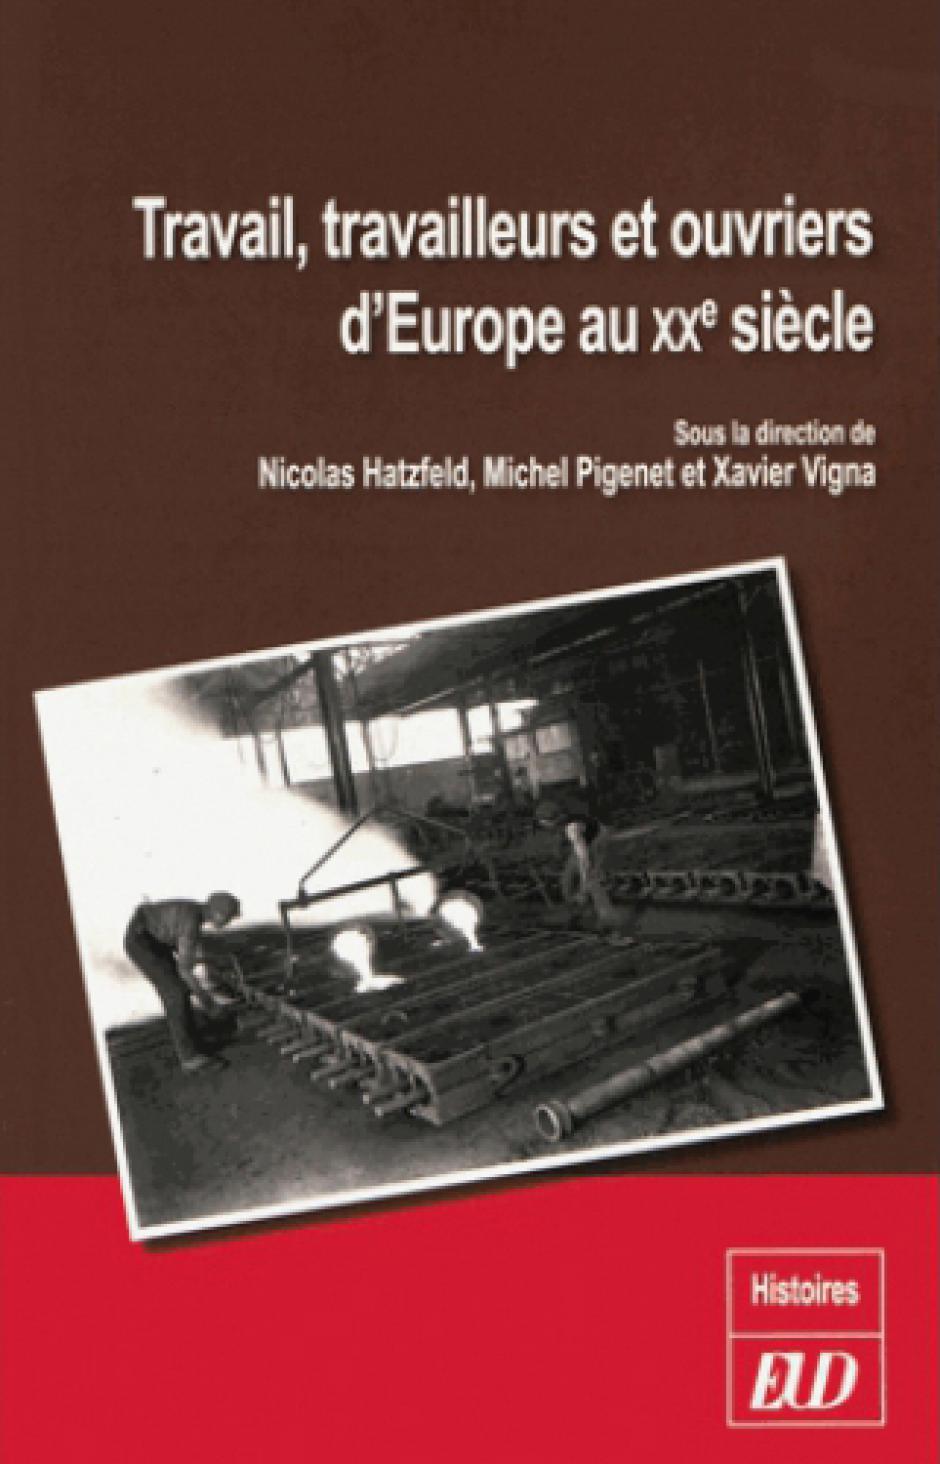 Travail, travailleurs et ouvriers d'Europe au XXe siècle, Dir. Nicolas Hatzfeld, Michel Pigenet et Xavier Vigna